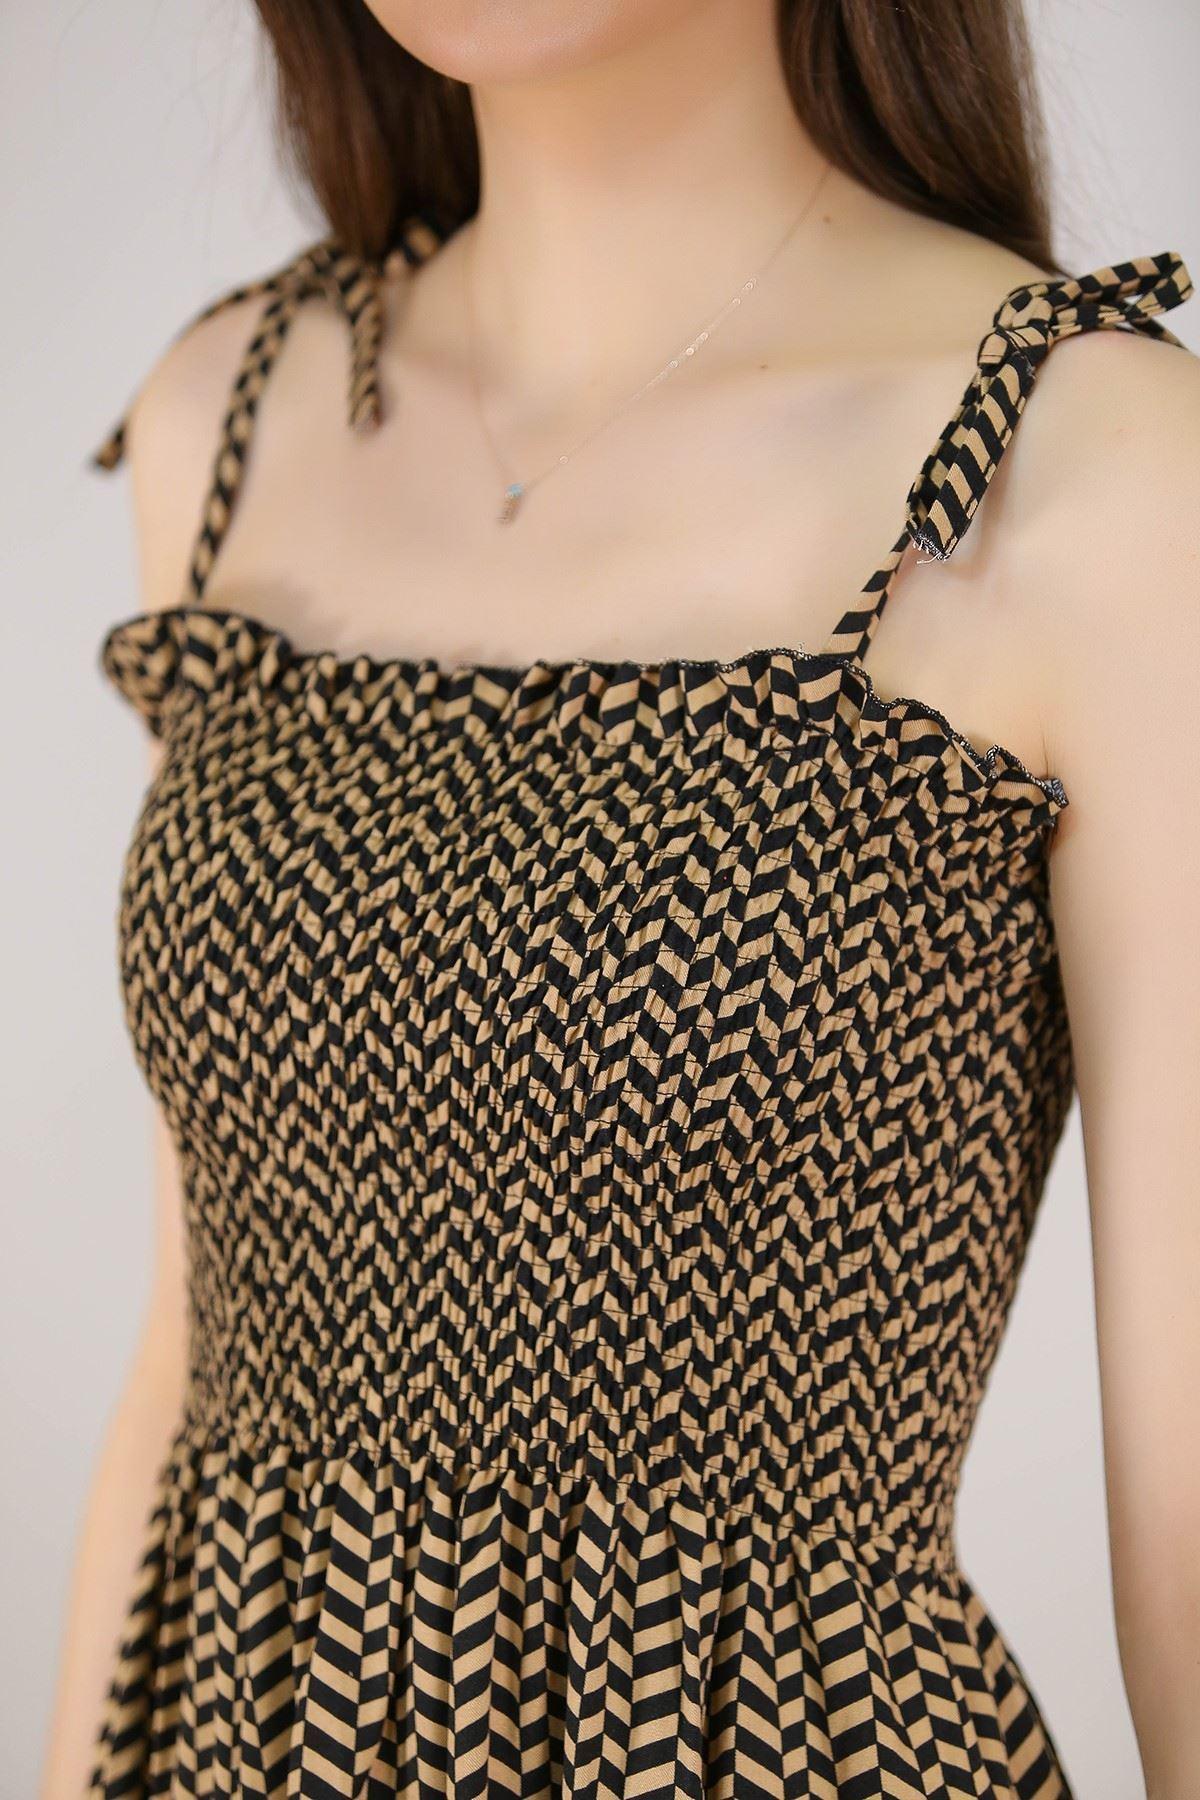 İp Askılı Dokuma Elbise Siyahvizon - 5285.1350.